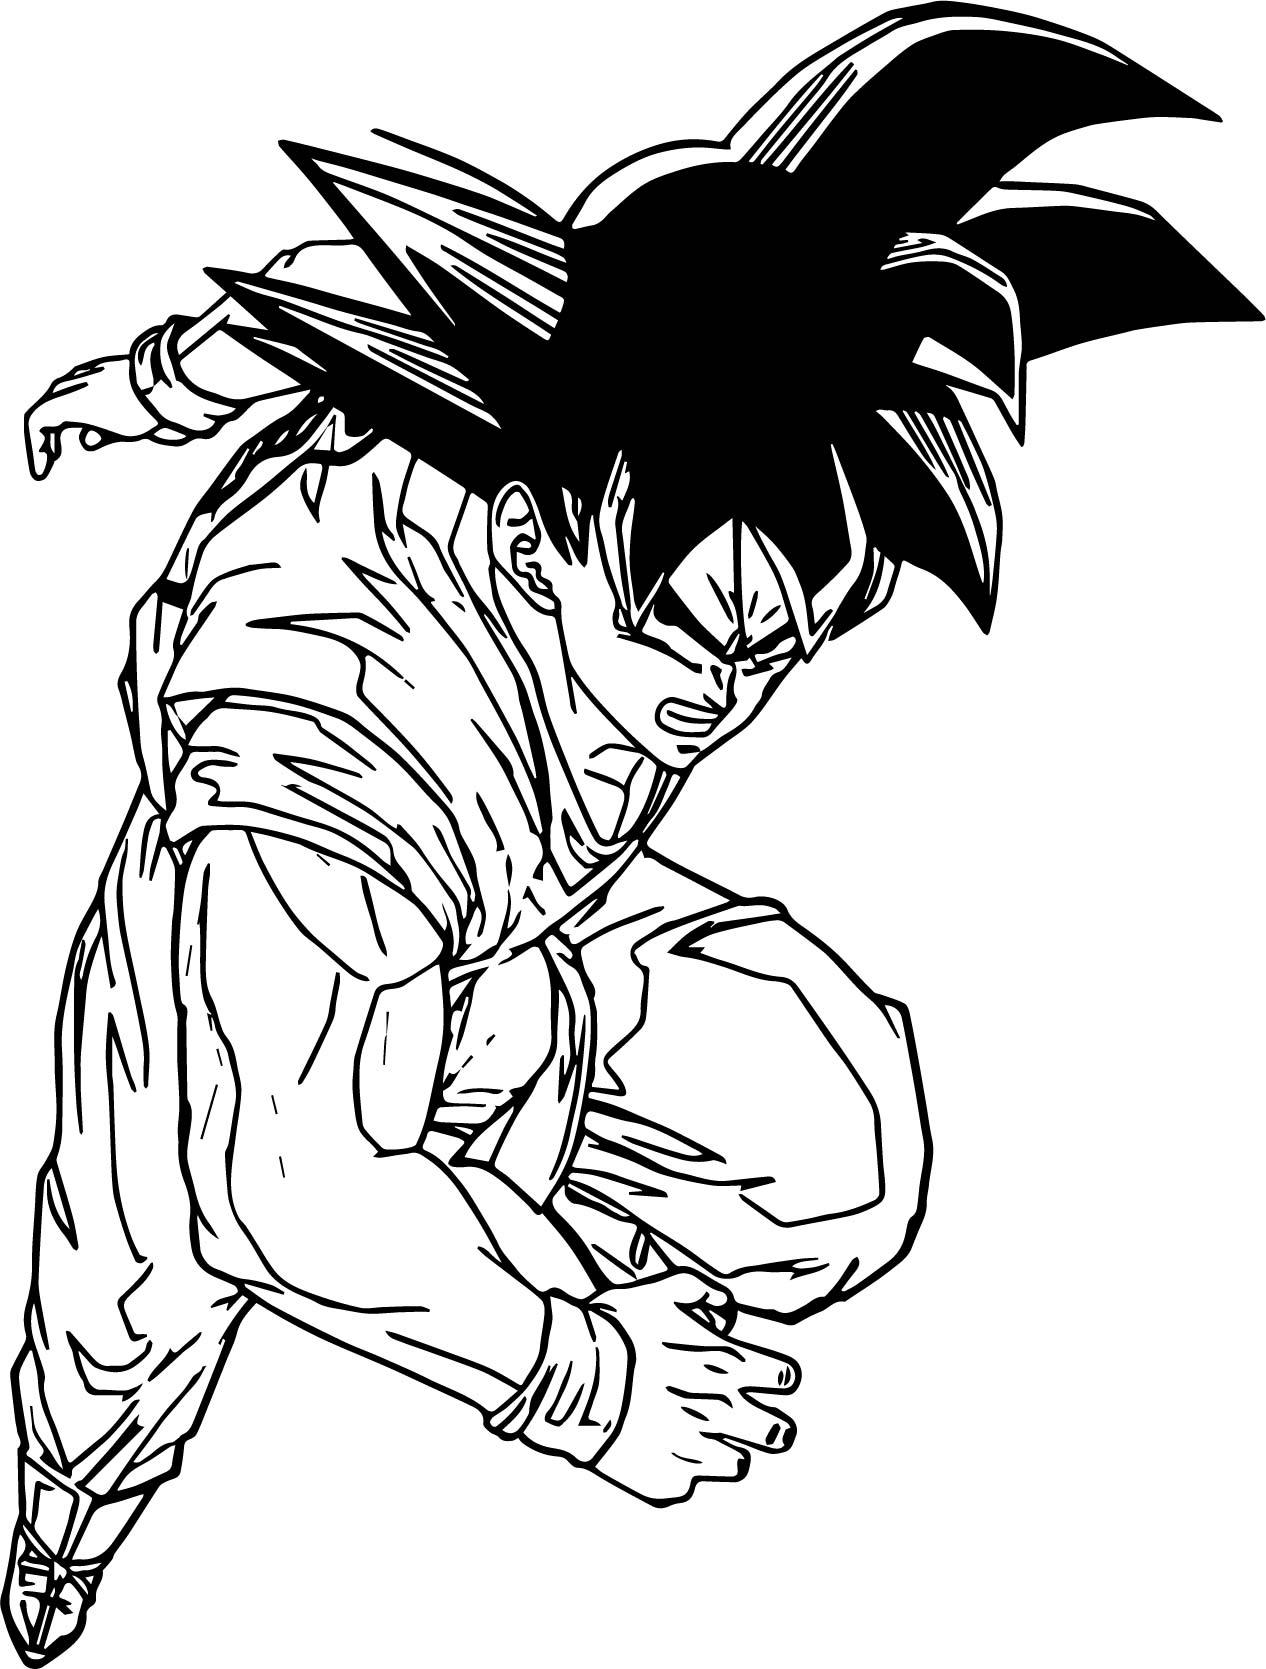 Goku Angry Coloring Page